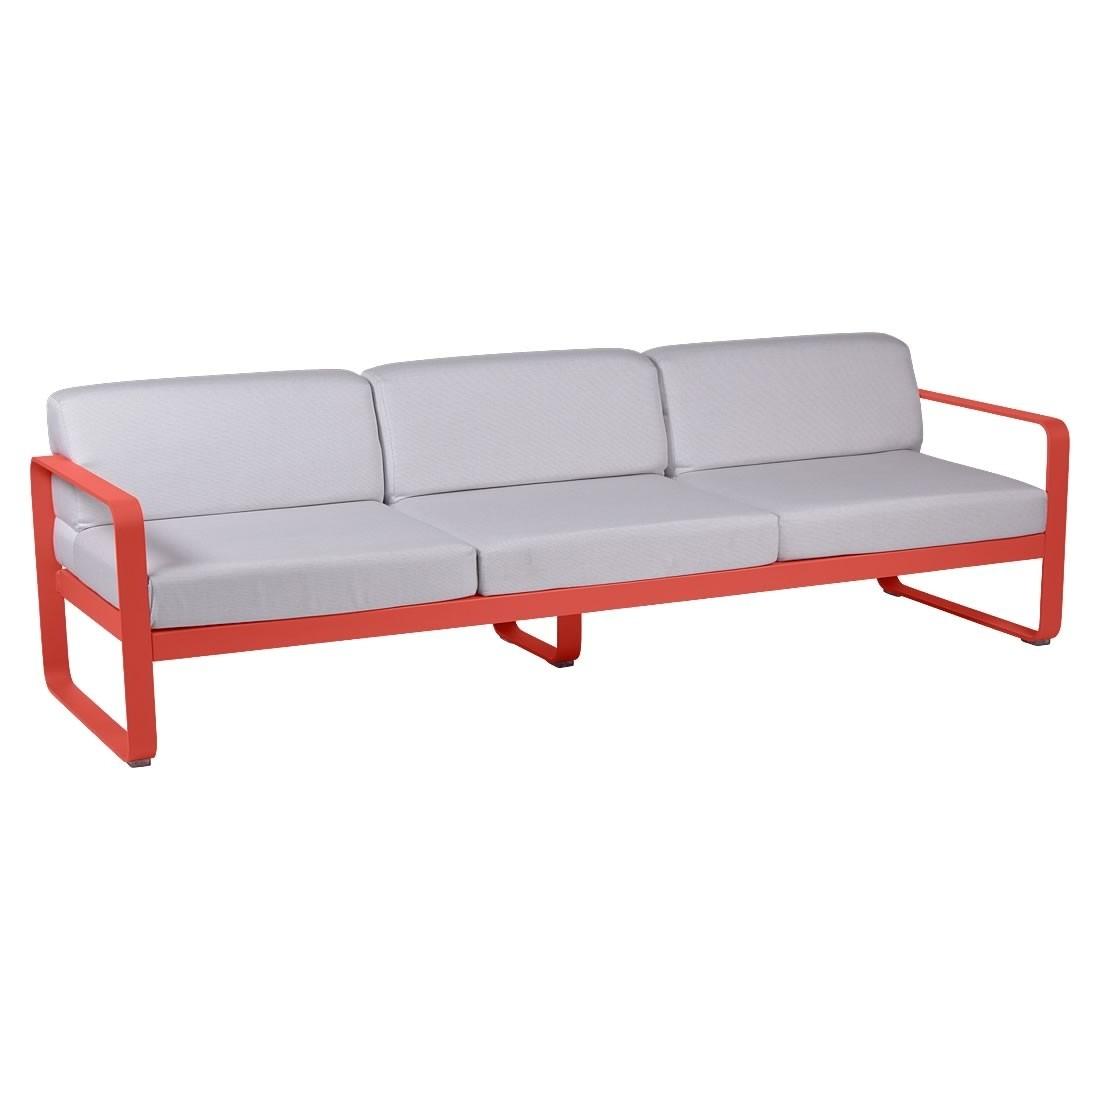 Full Size of Sofa 3 Sitzer Big Kaufen Grün Hülsta Le Corbusier Schlafsofa Liegefläche 180x200 Creme Xxl Günstig Husse Kunstleder Schillig Stilecht Modulares Kissen Sofa Sofa 3 Sitzer